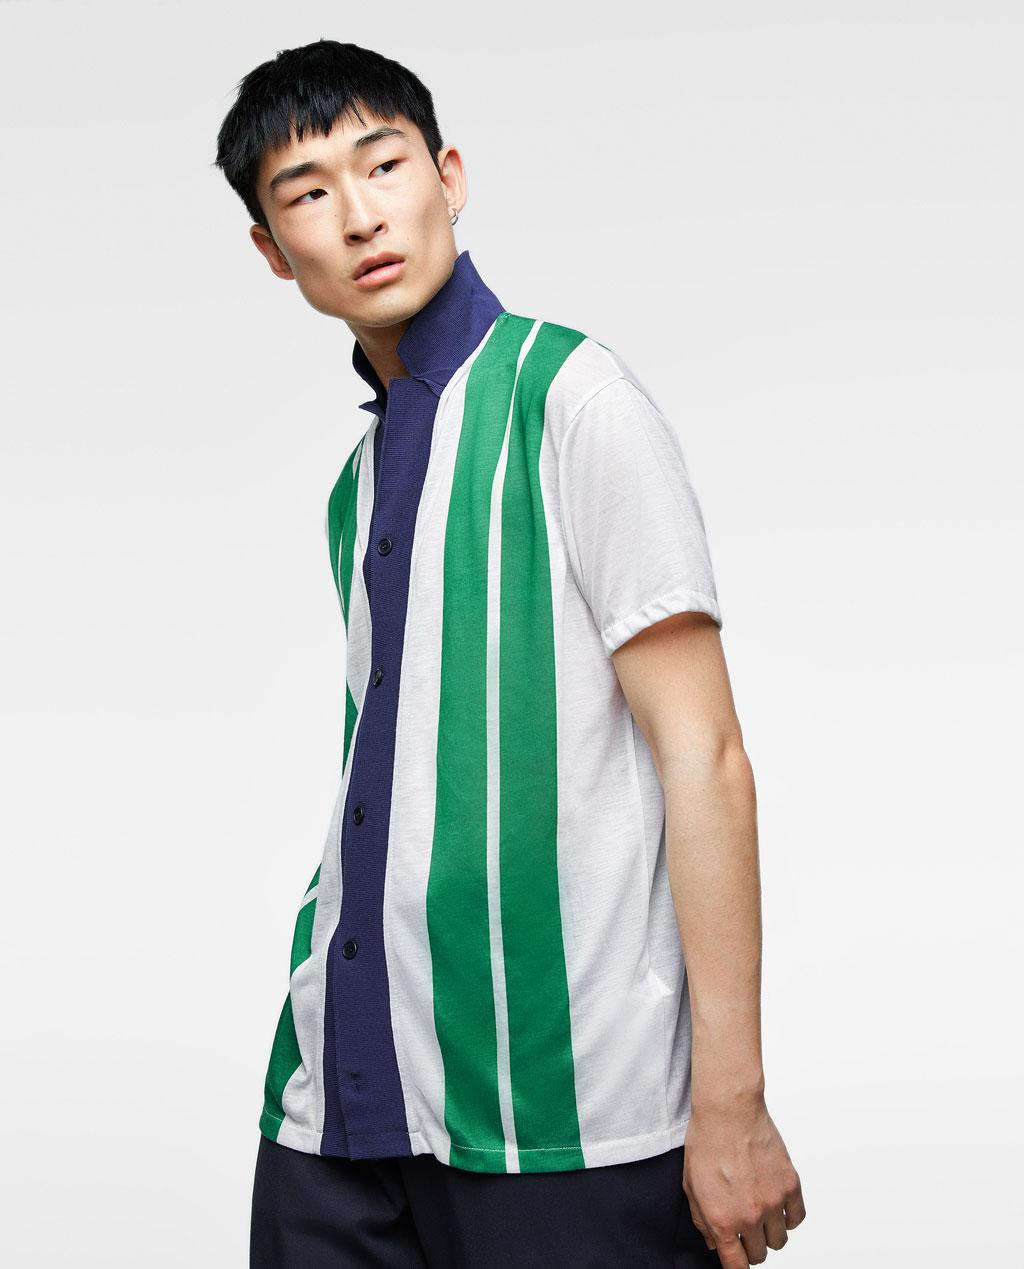 Thời trang nam Zara  24105 - ảnh 4